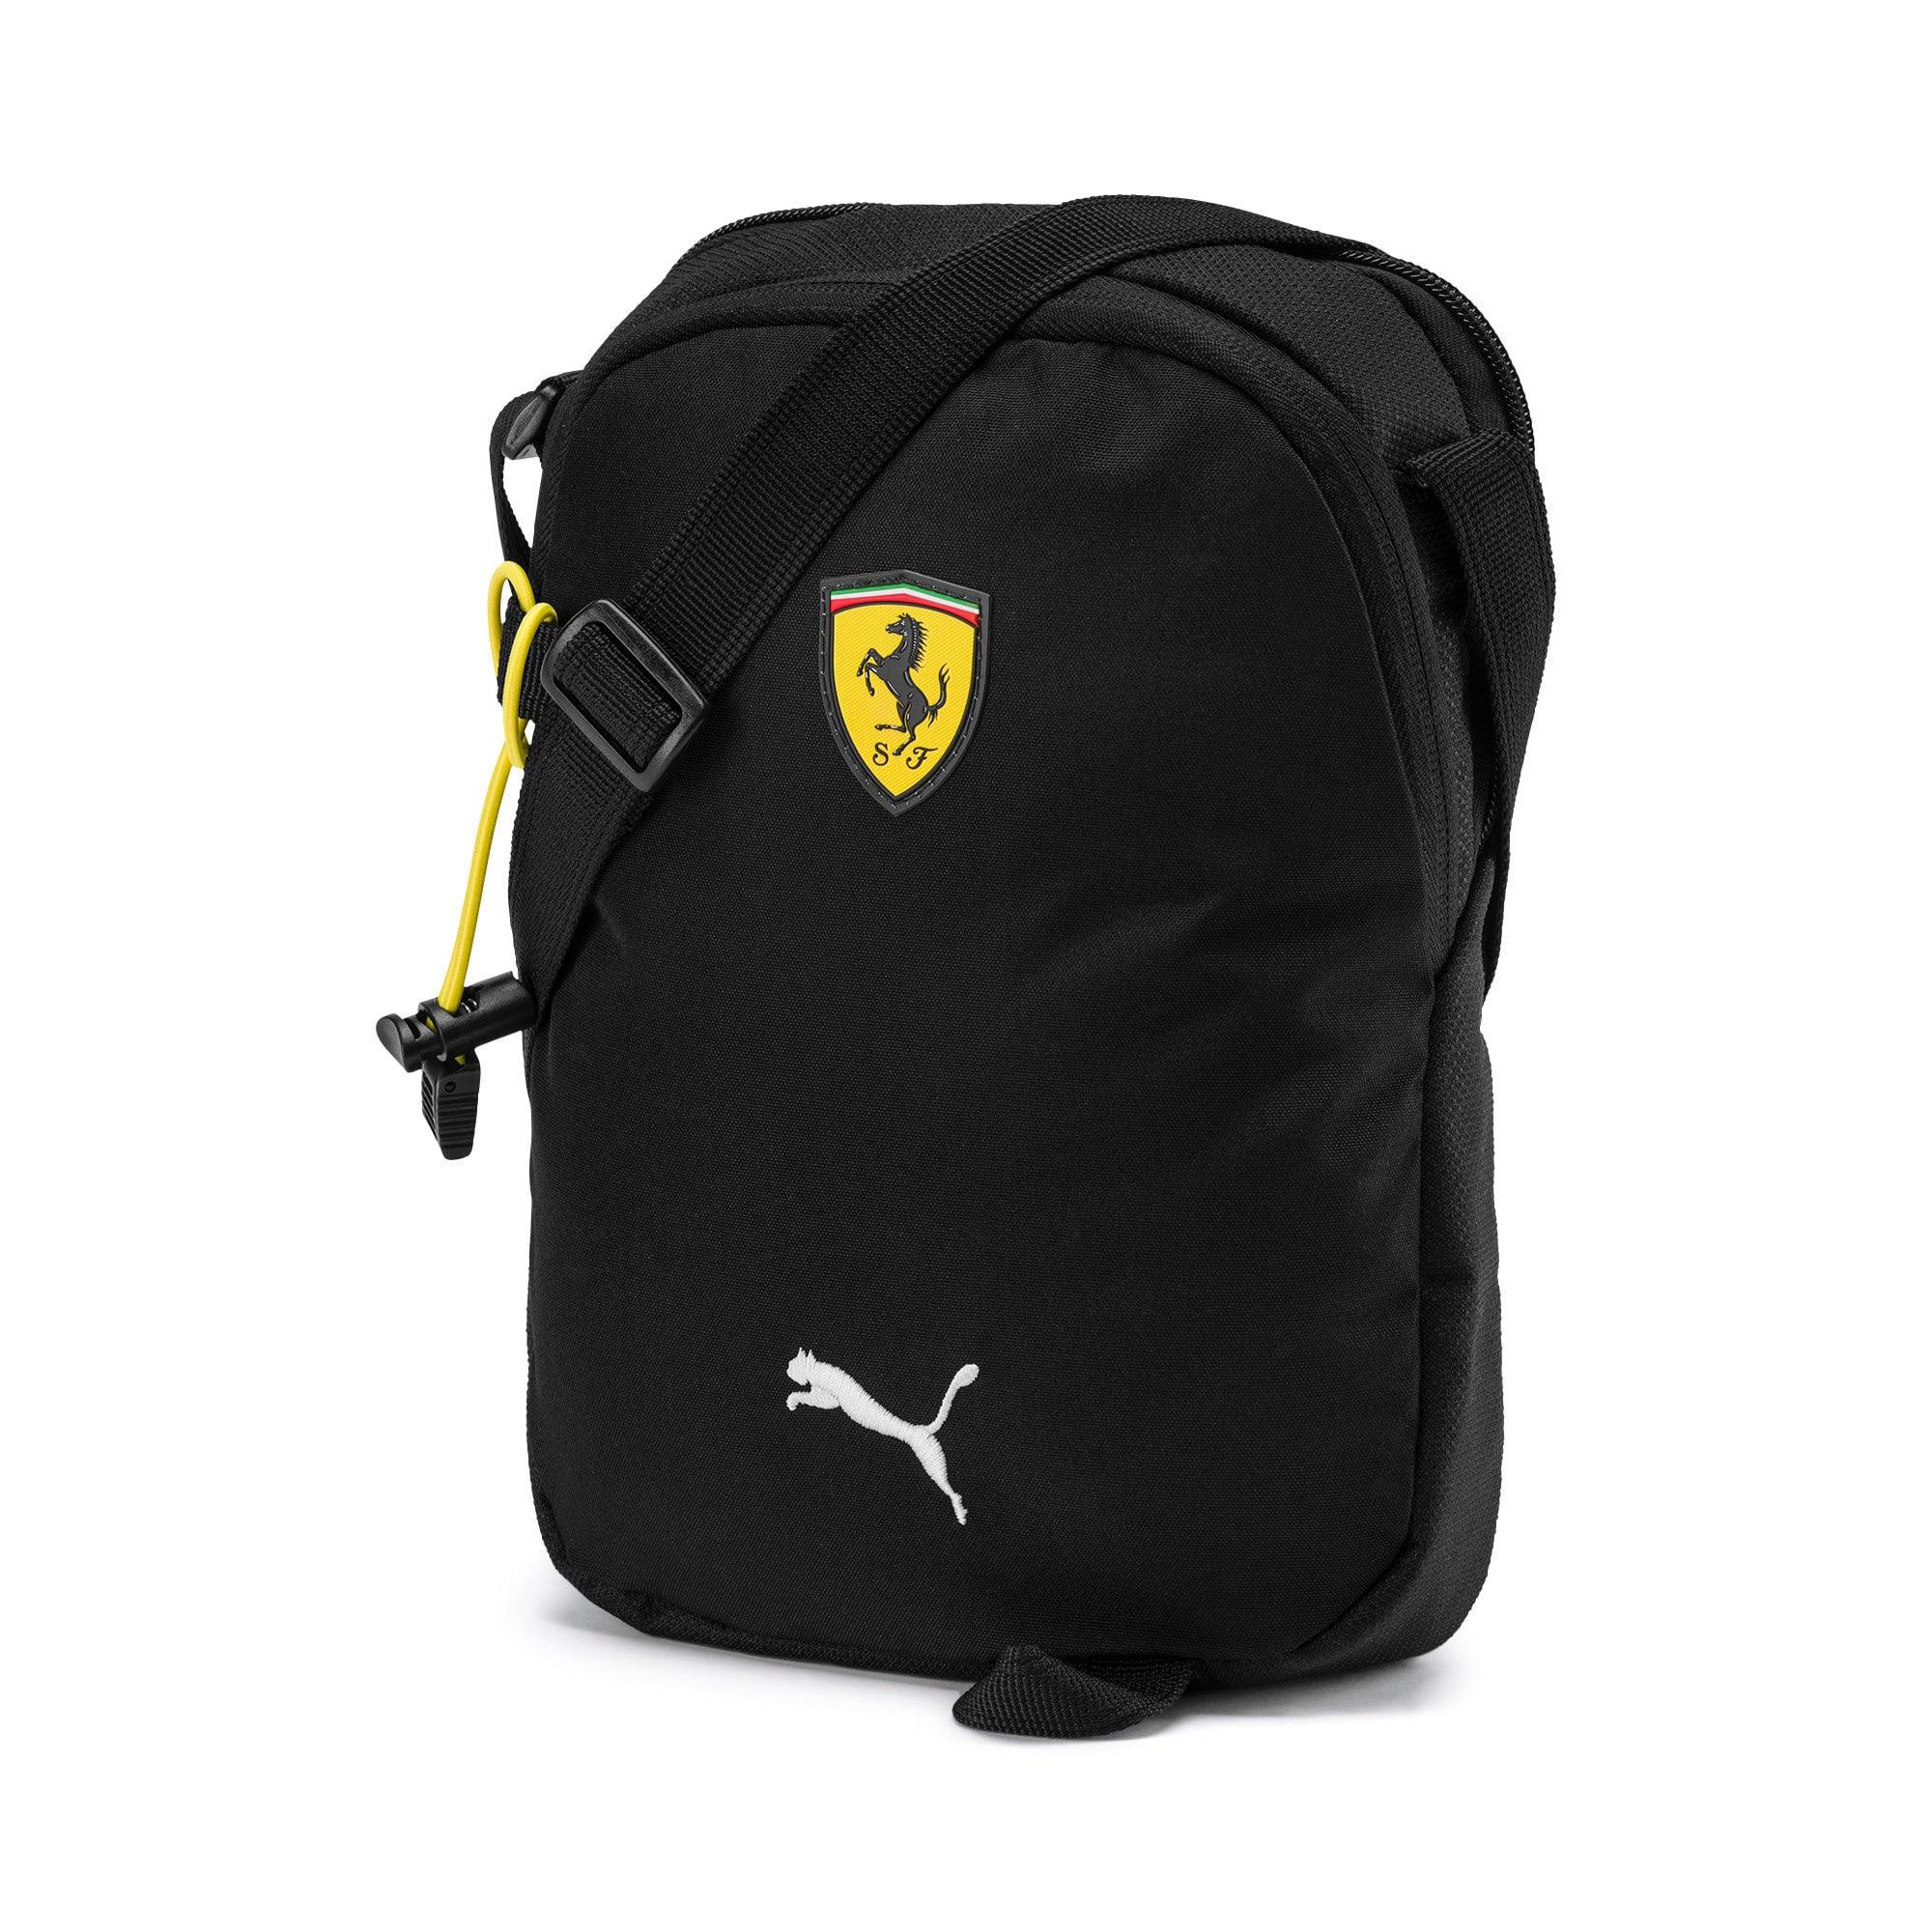 Thumbnail 1 of PUMA x Ferrari Fanware Portable Shoulder Bag, Puma Black, medium-IND